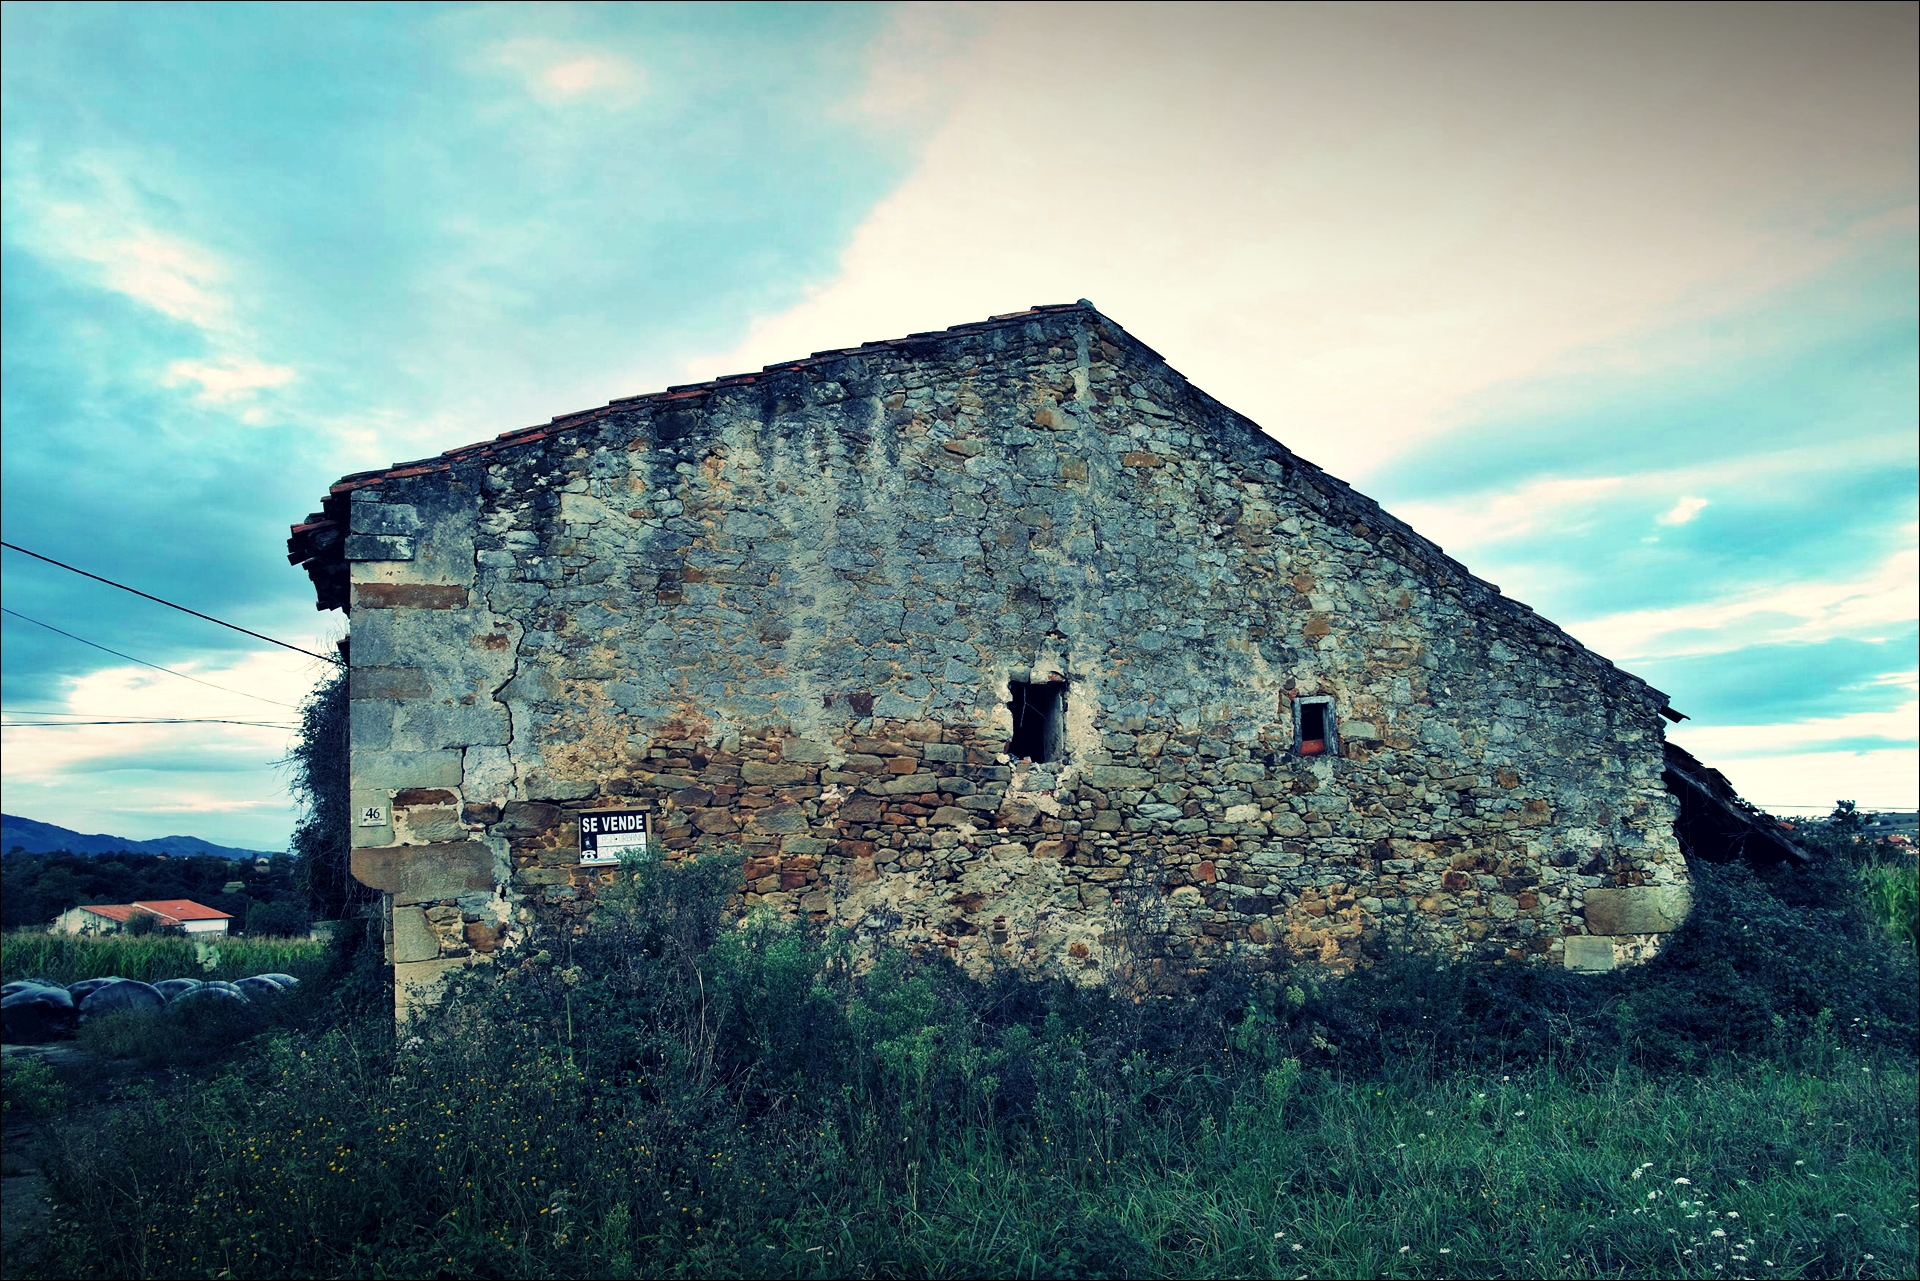 집 팔아요-'카미노 데 산티아고 북쪽길. 궤메스에서 산탄데르. (Camino del Norte - Güemes to Santander)'